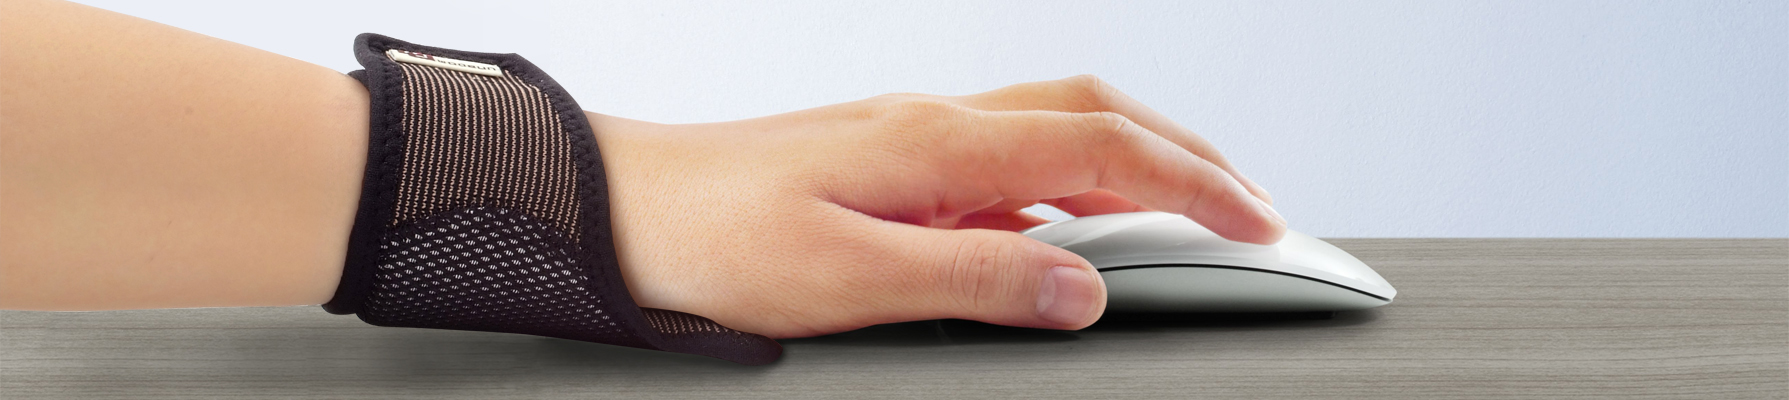 WOOBUN WB-31510 滑鼠鍵盤專用手腕帶